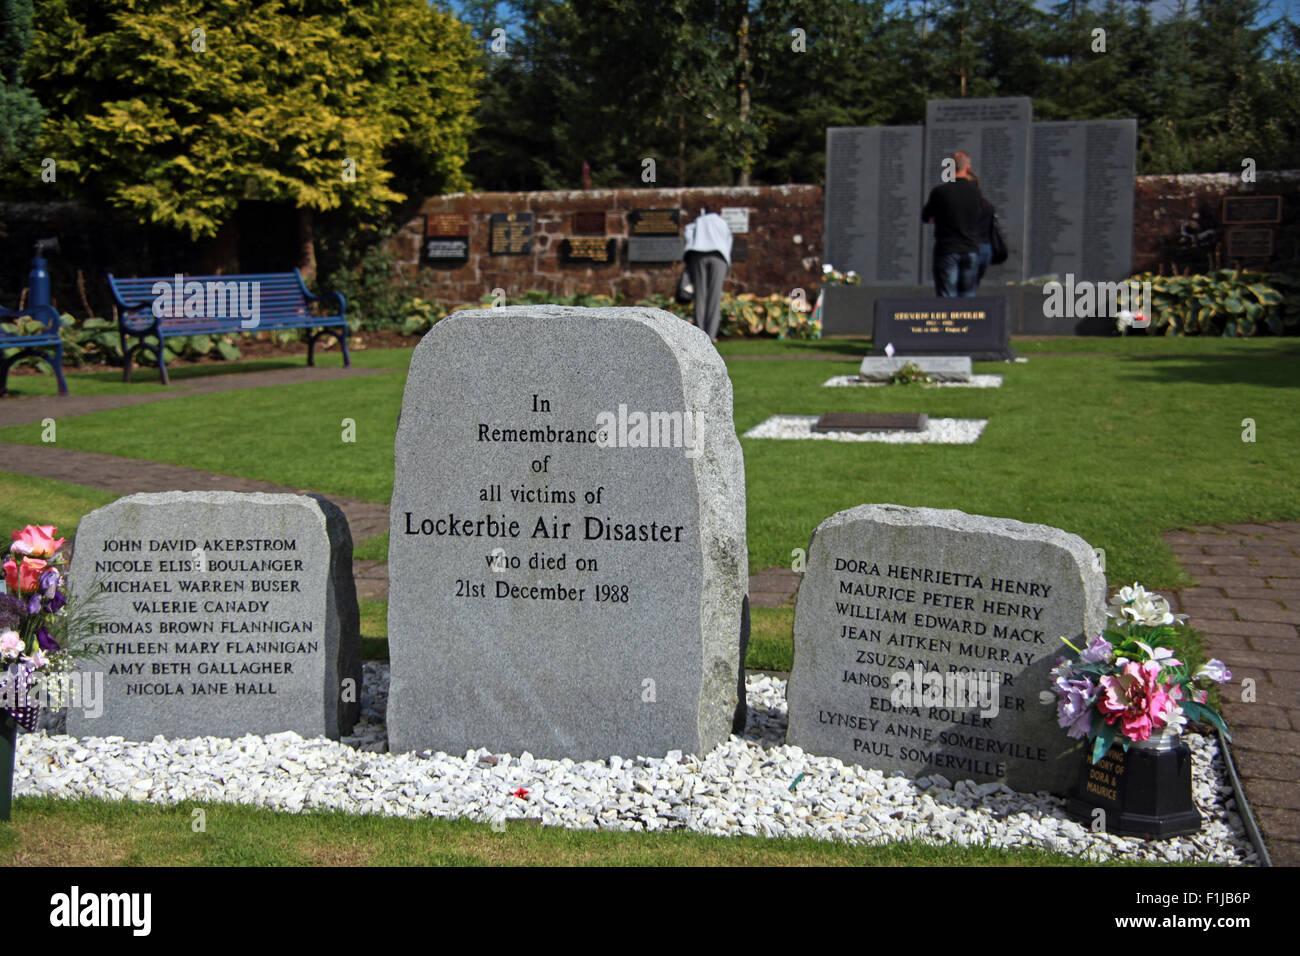 Laden Sie dieses Alamy Stockfoto Lockerbie PanAm103 In Erinnerung Memorial Besucher erinnern, Schottland - F1JB6P